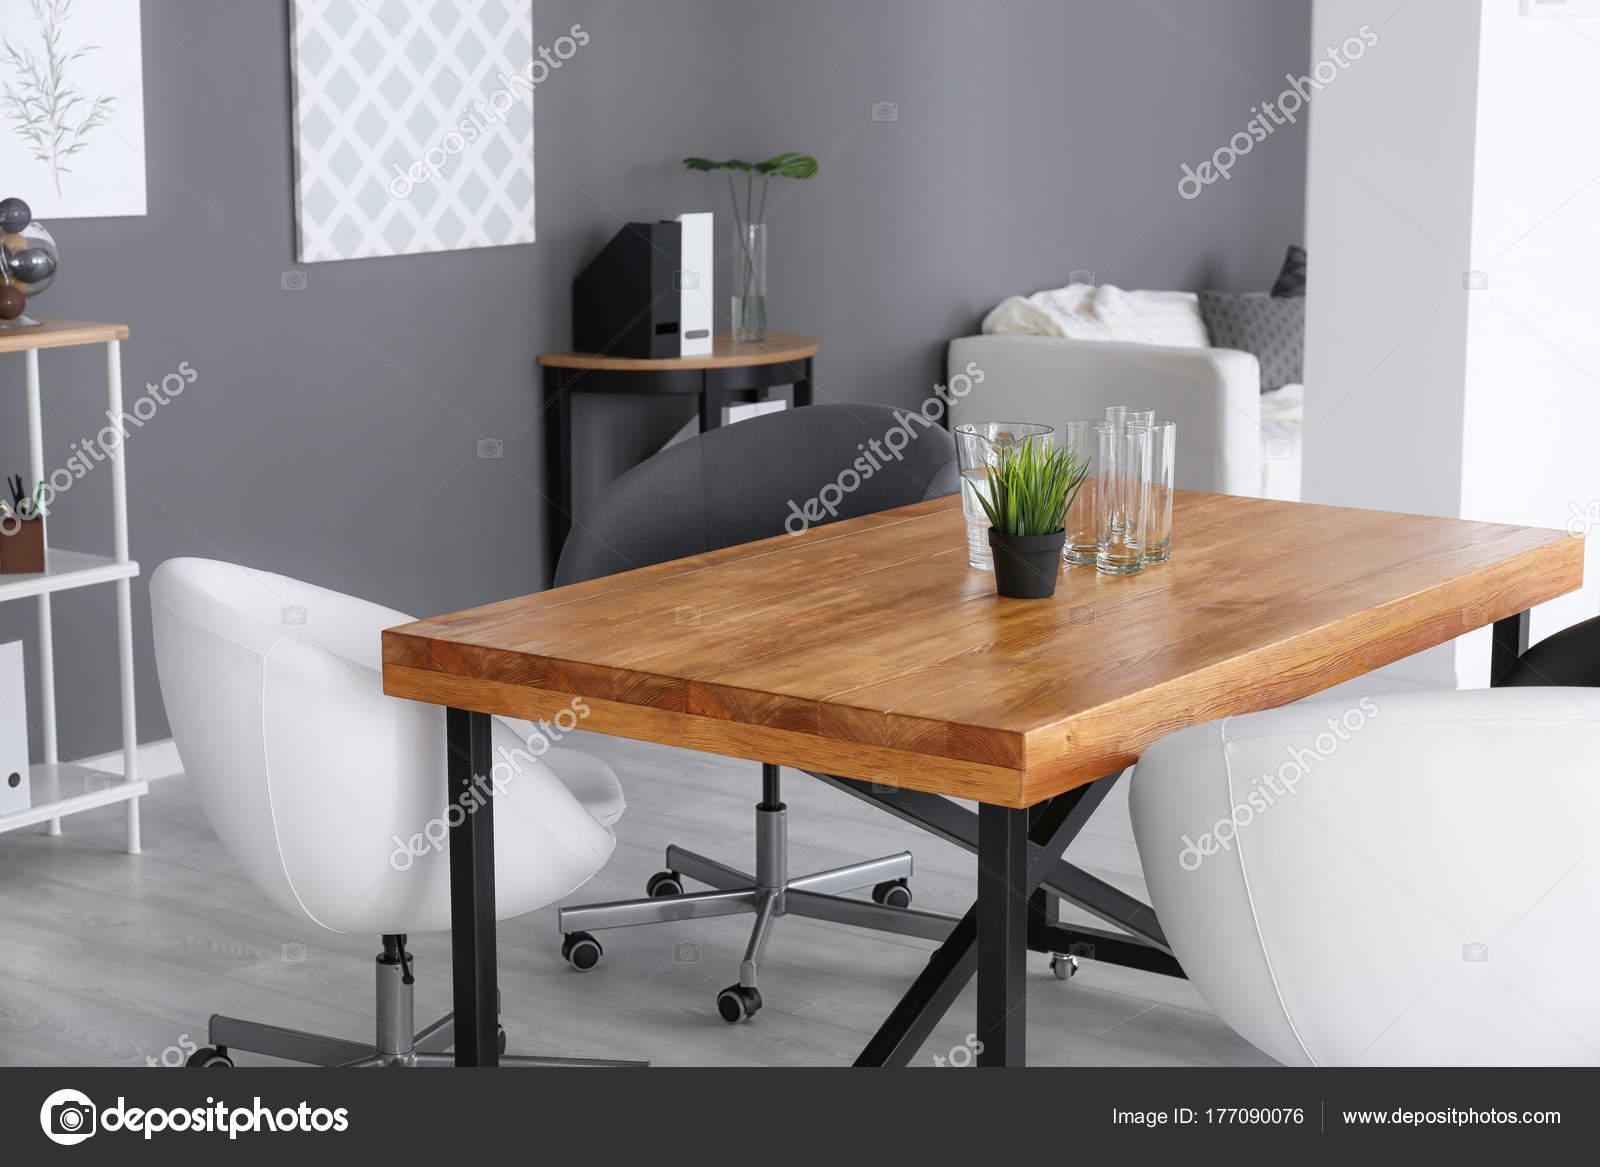 Intérieur de bureau moderne avec fauteuils et table en bois